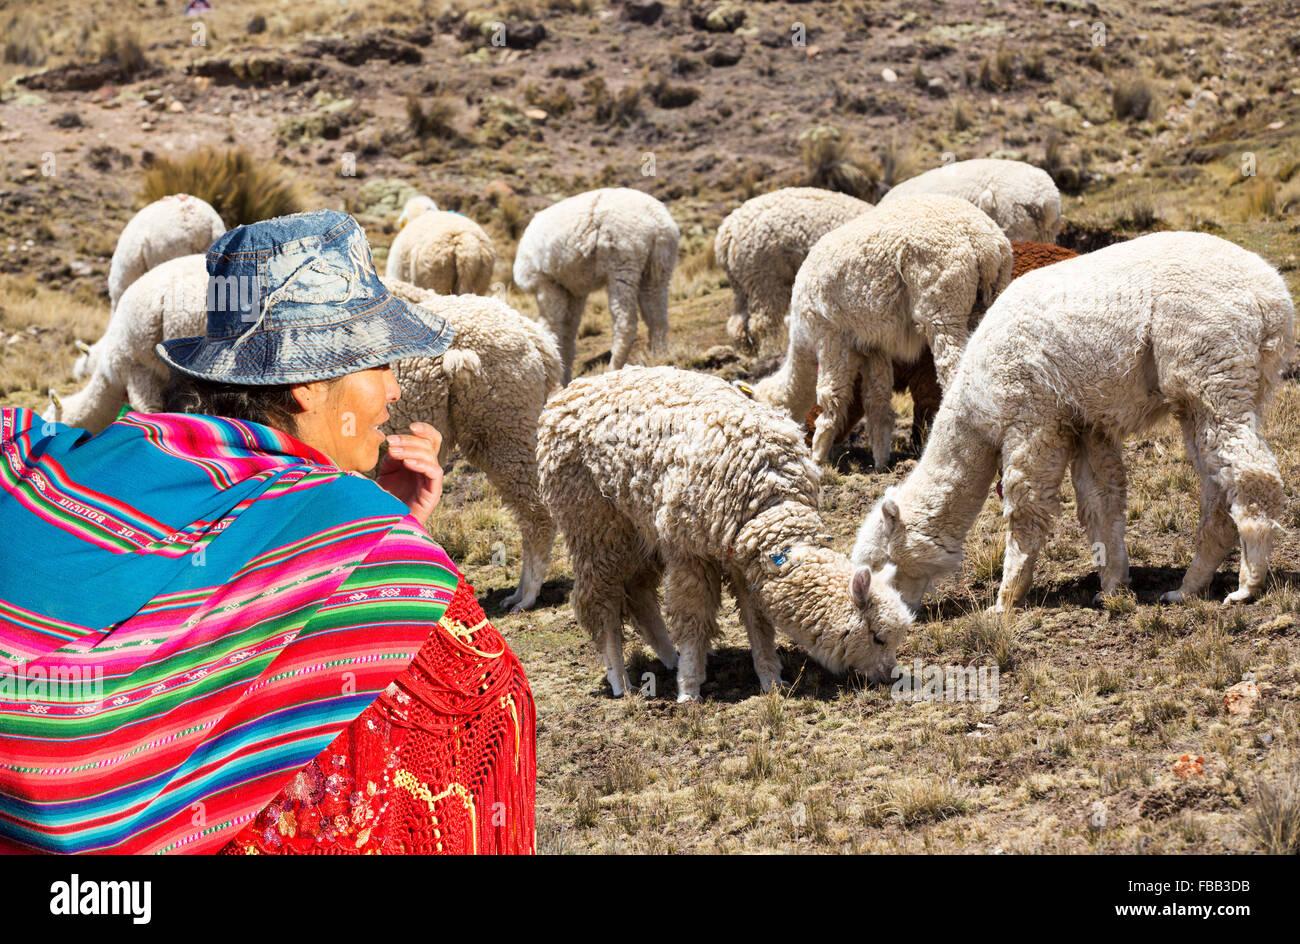 Lama's grazing on the Altiplano above El Alto, Bolivia. - Stock Image